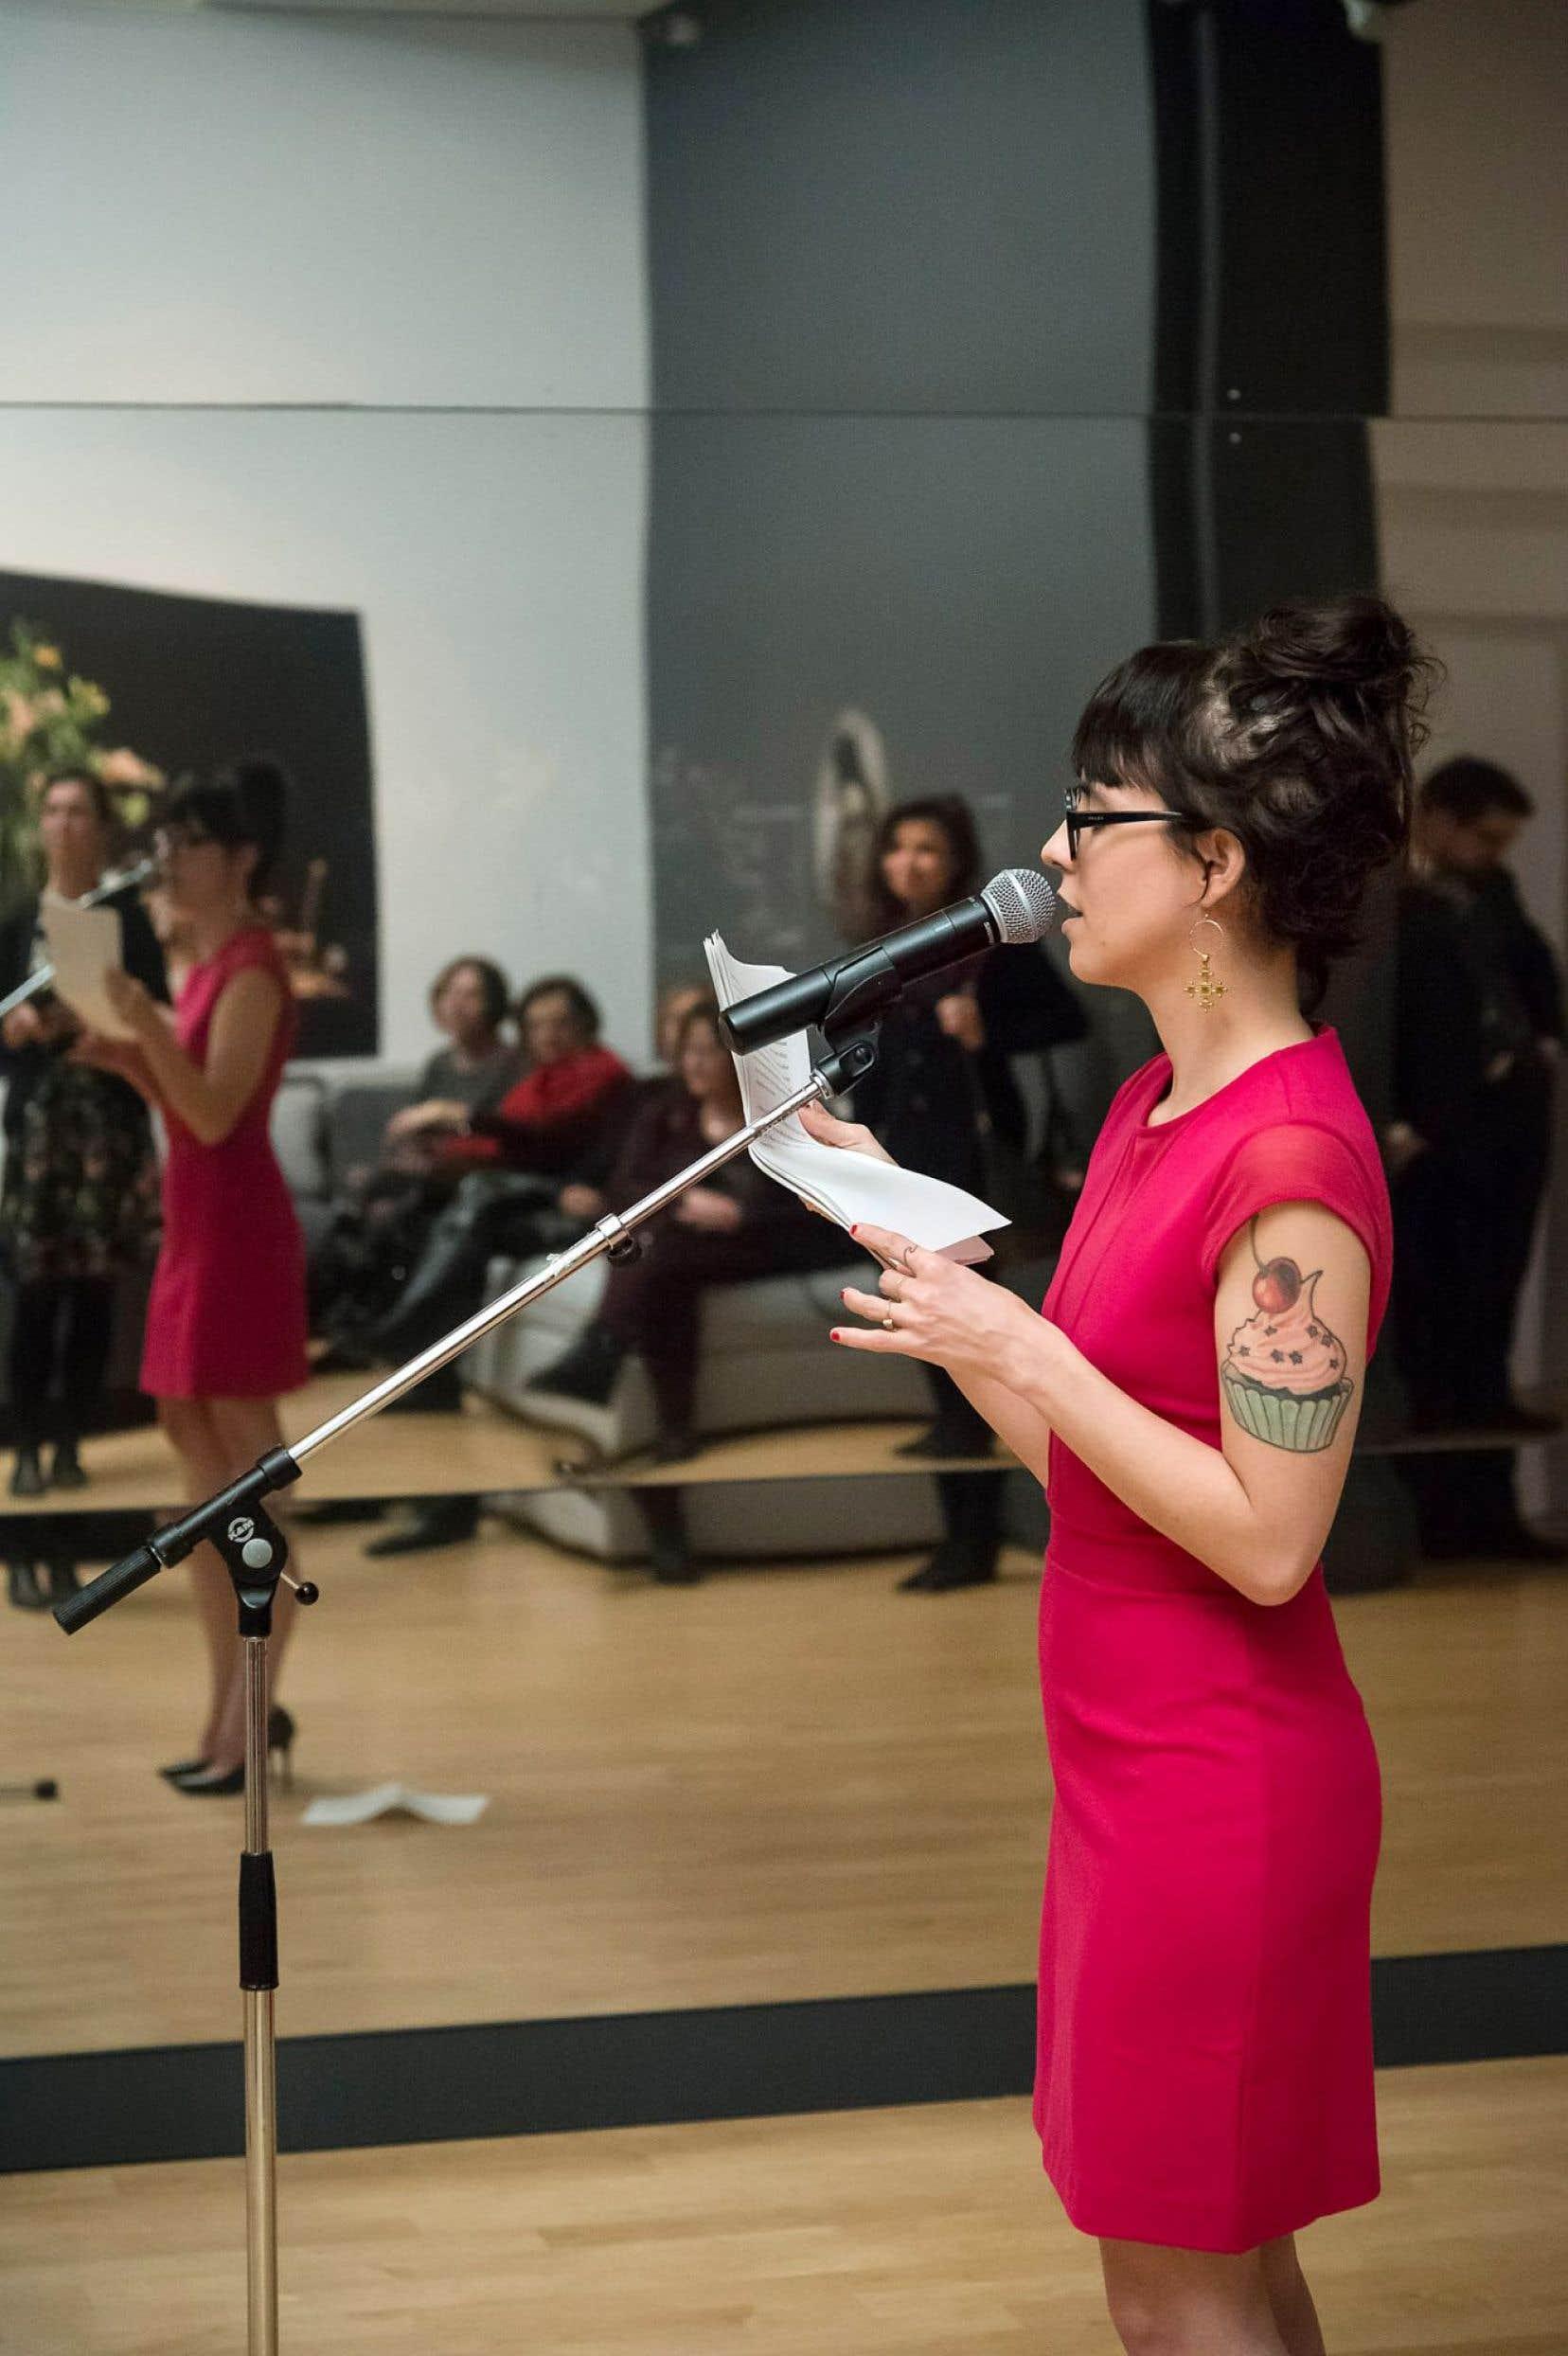 Véronique Grenier a été conviée à signer une création littéraire afin d'enrichir la visite de l'exposition «Le temps file» avec le médiaguide.